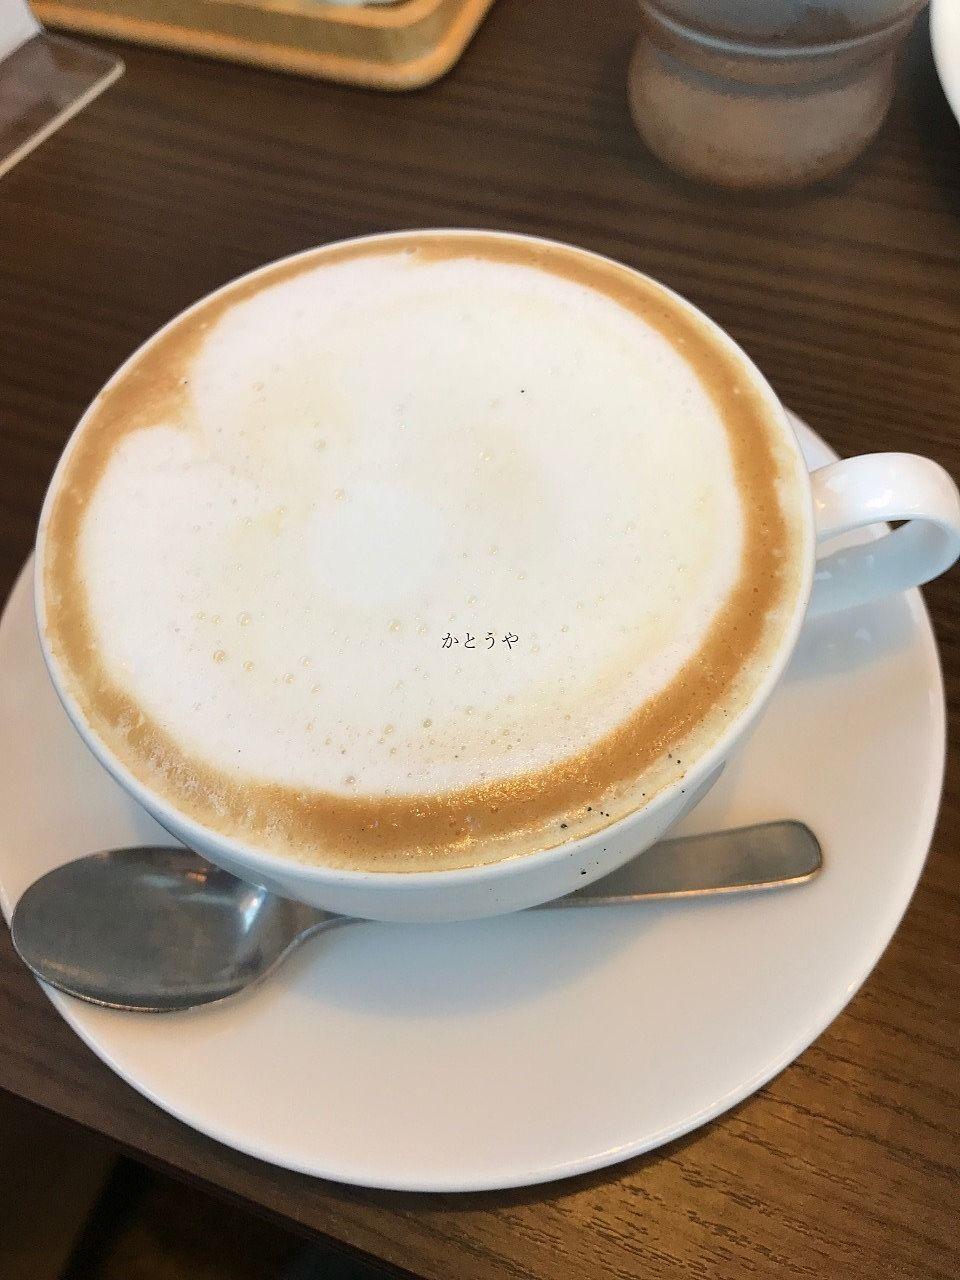 こんにちは、かとうや藤原です。今日は、先日初めて行ったお店で、近々また再訪したい可愛いカフェをご紹介します。